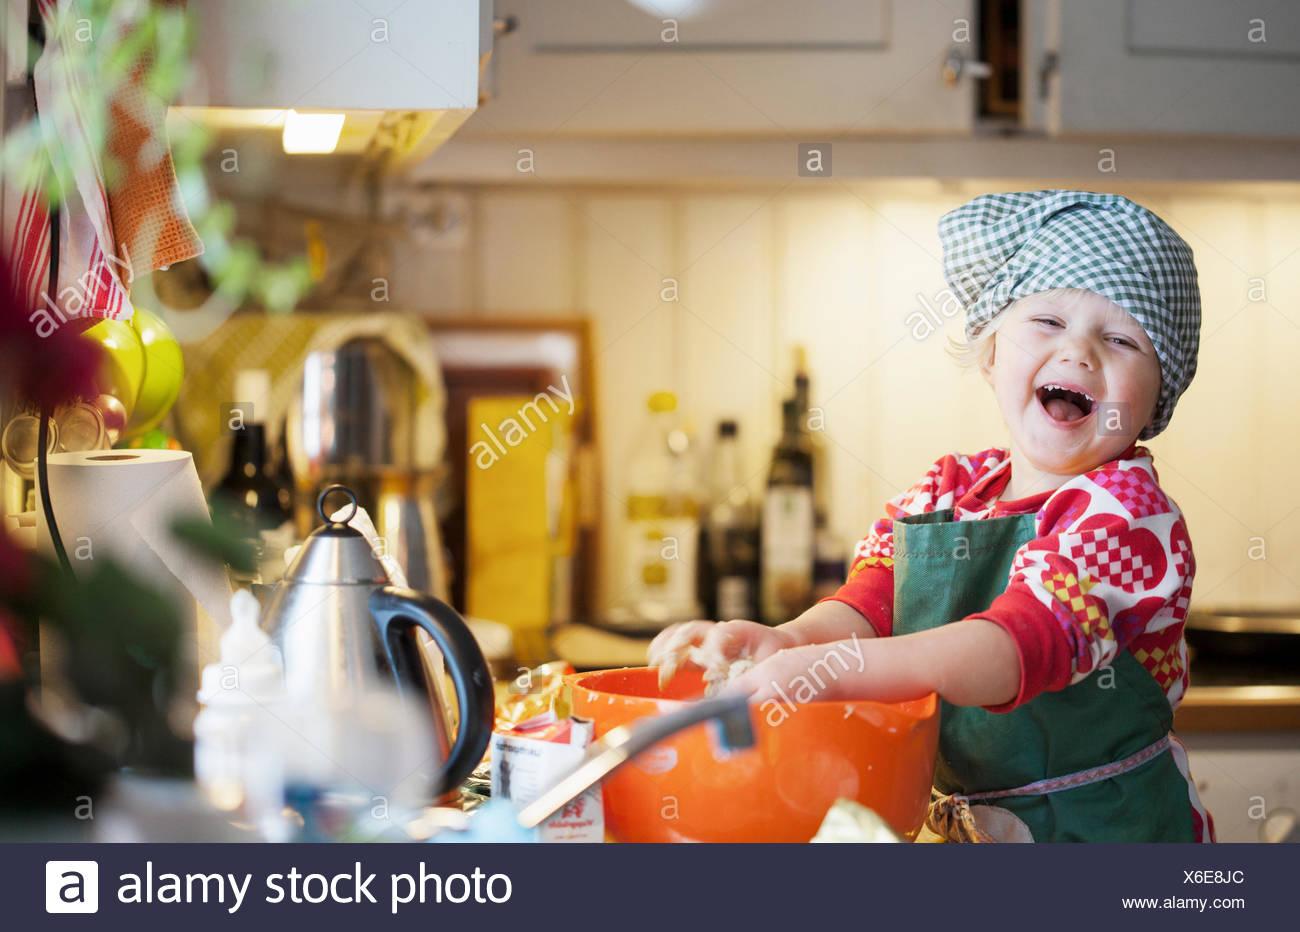 Ein glückliches Mädchen Backen in einer Küche Stockbild